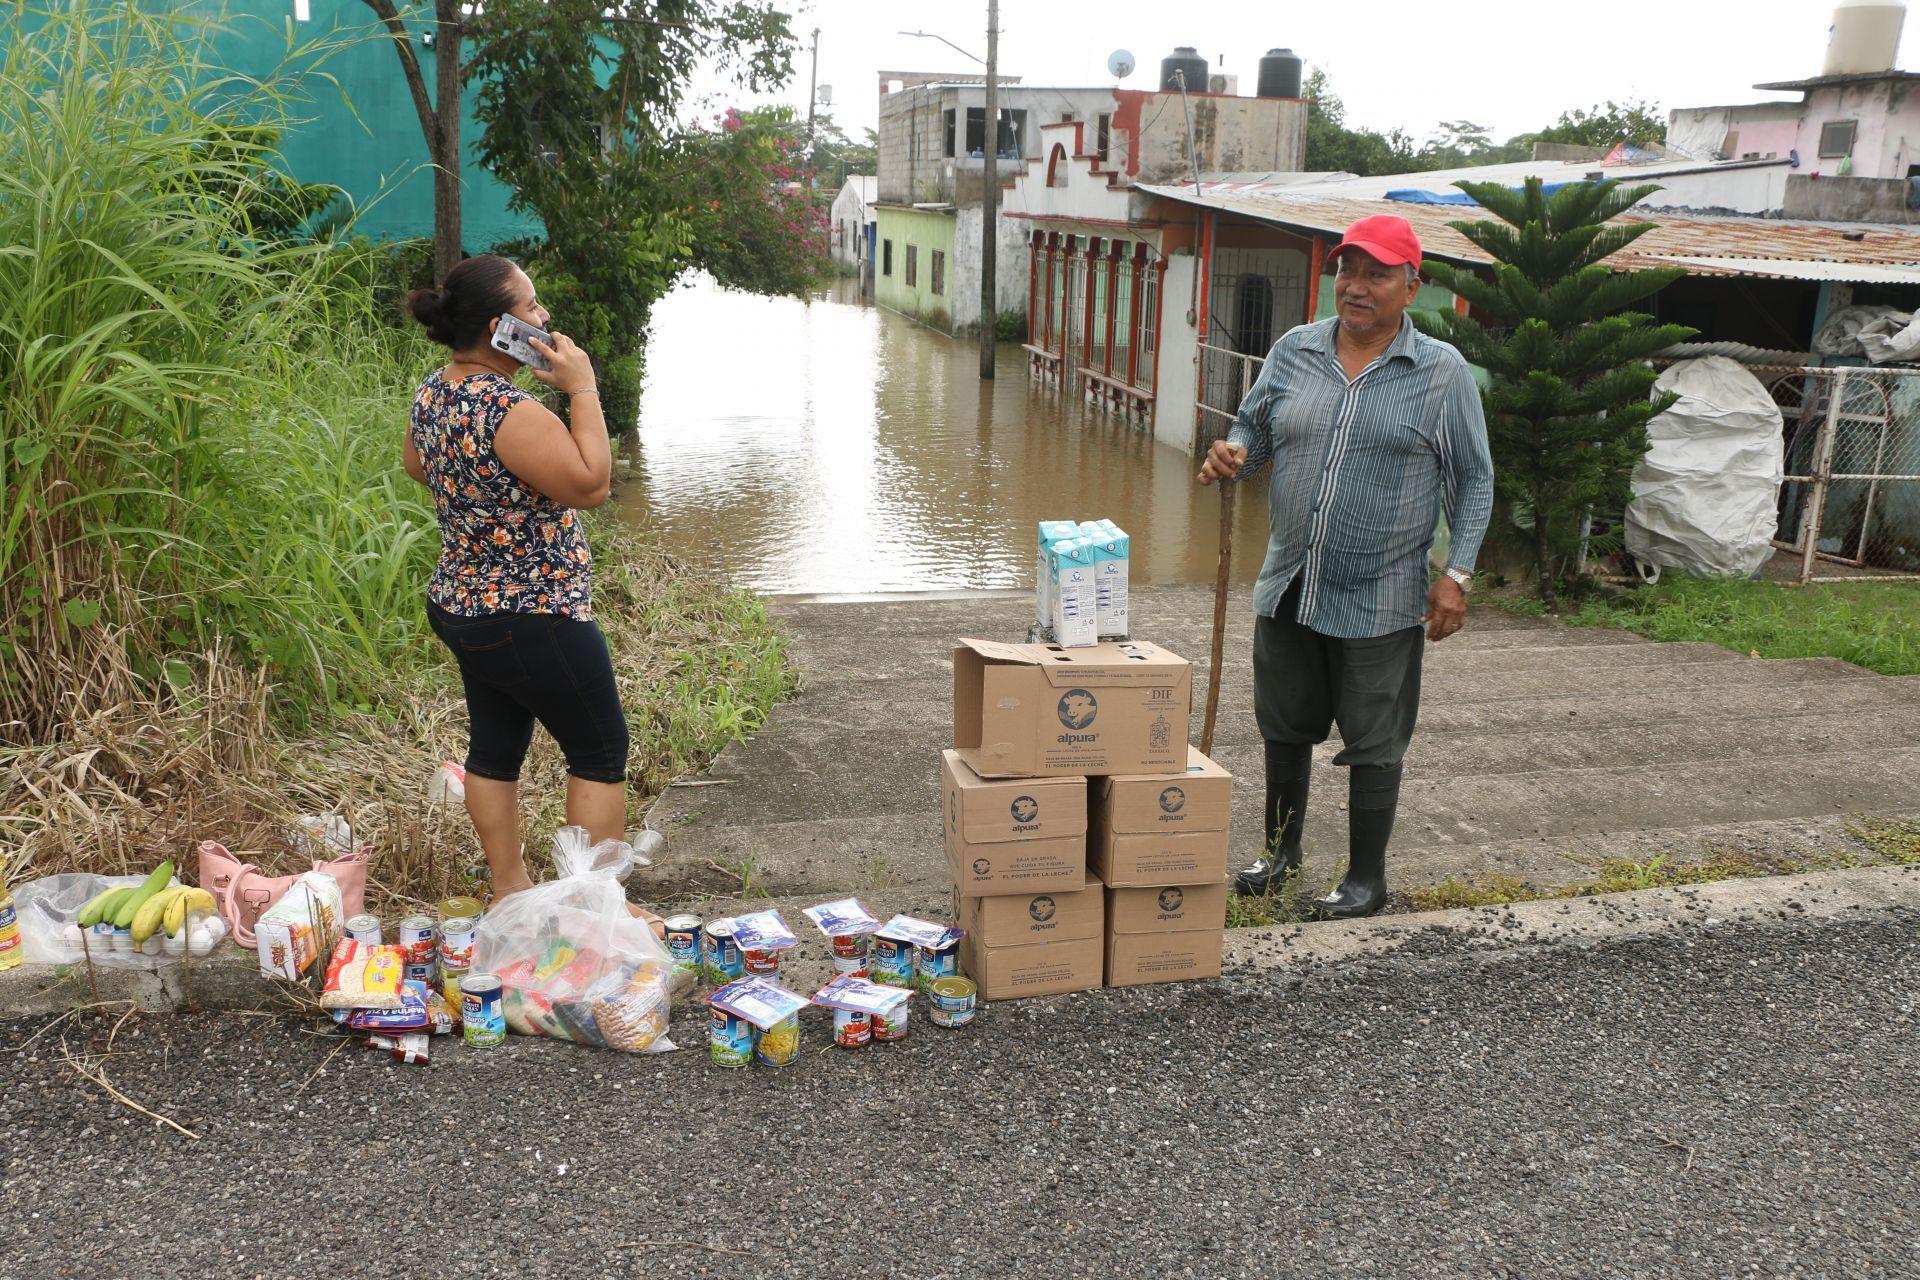 Continúan anegadas las comunidades de Cacao y Astapa, en Tabasco, tras las fuertes lluvias del fin de semana pasado.